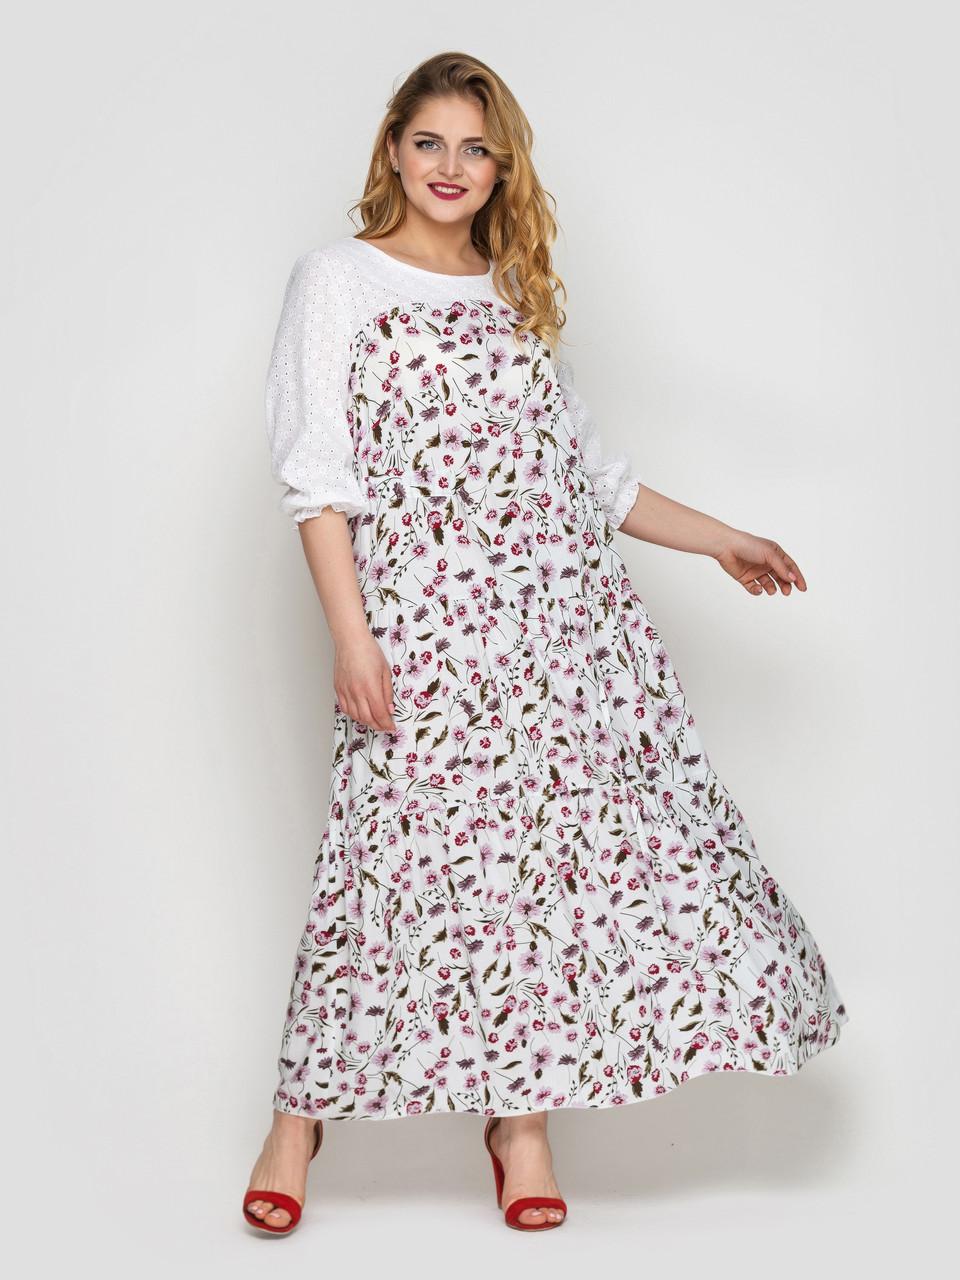 Нежное платье Росава флора